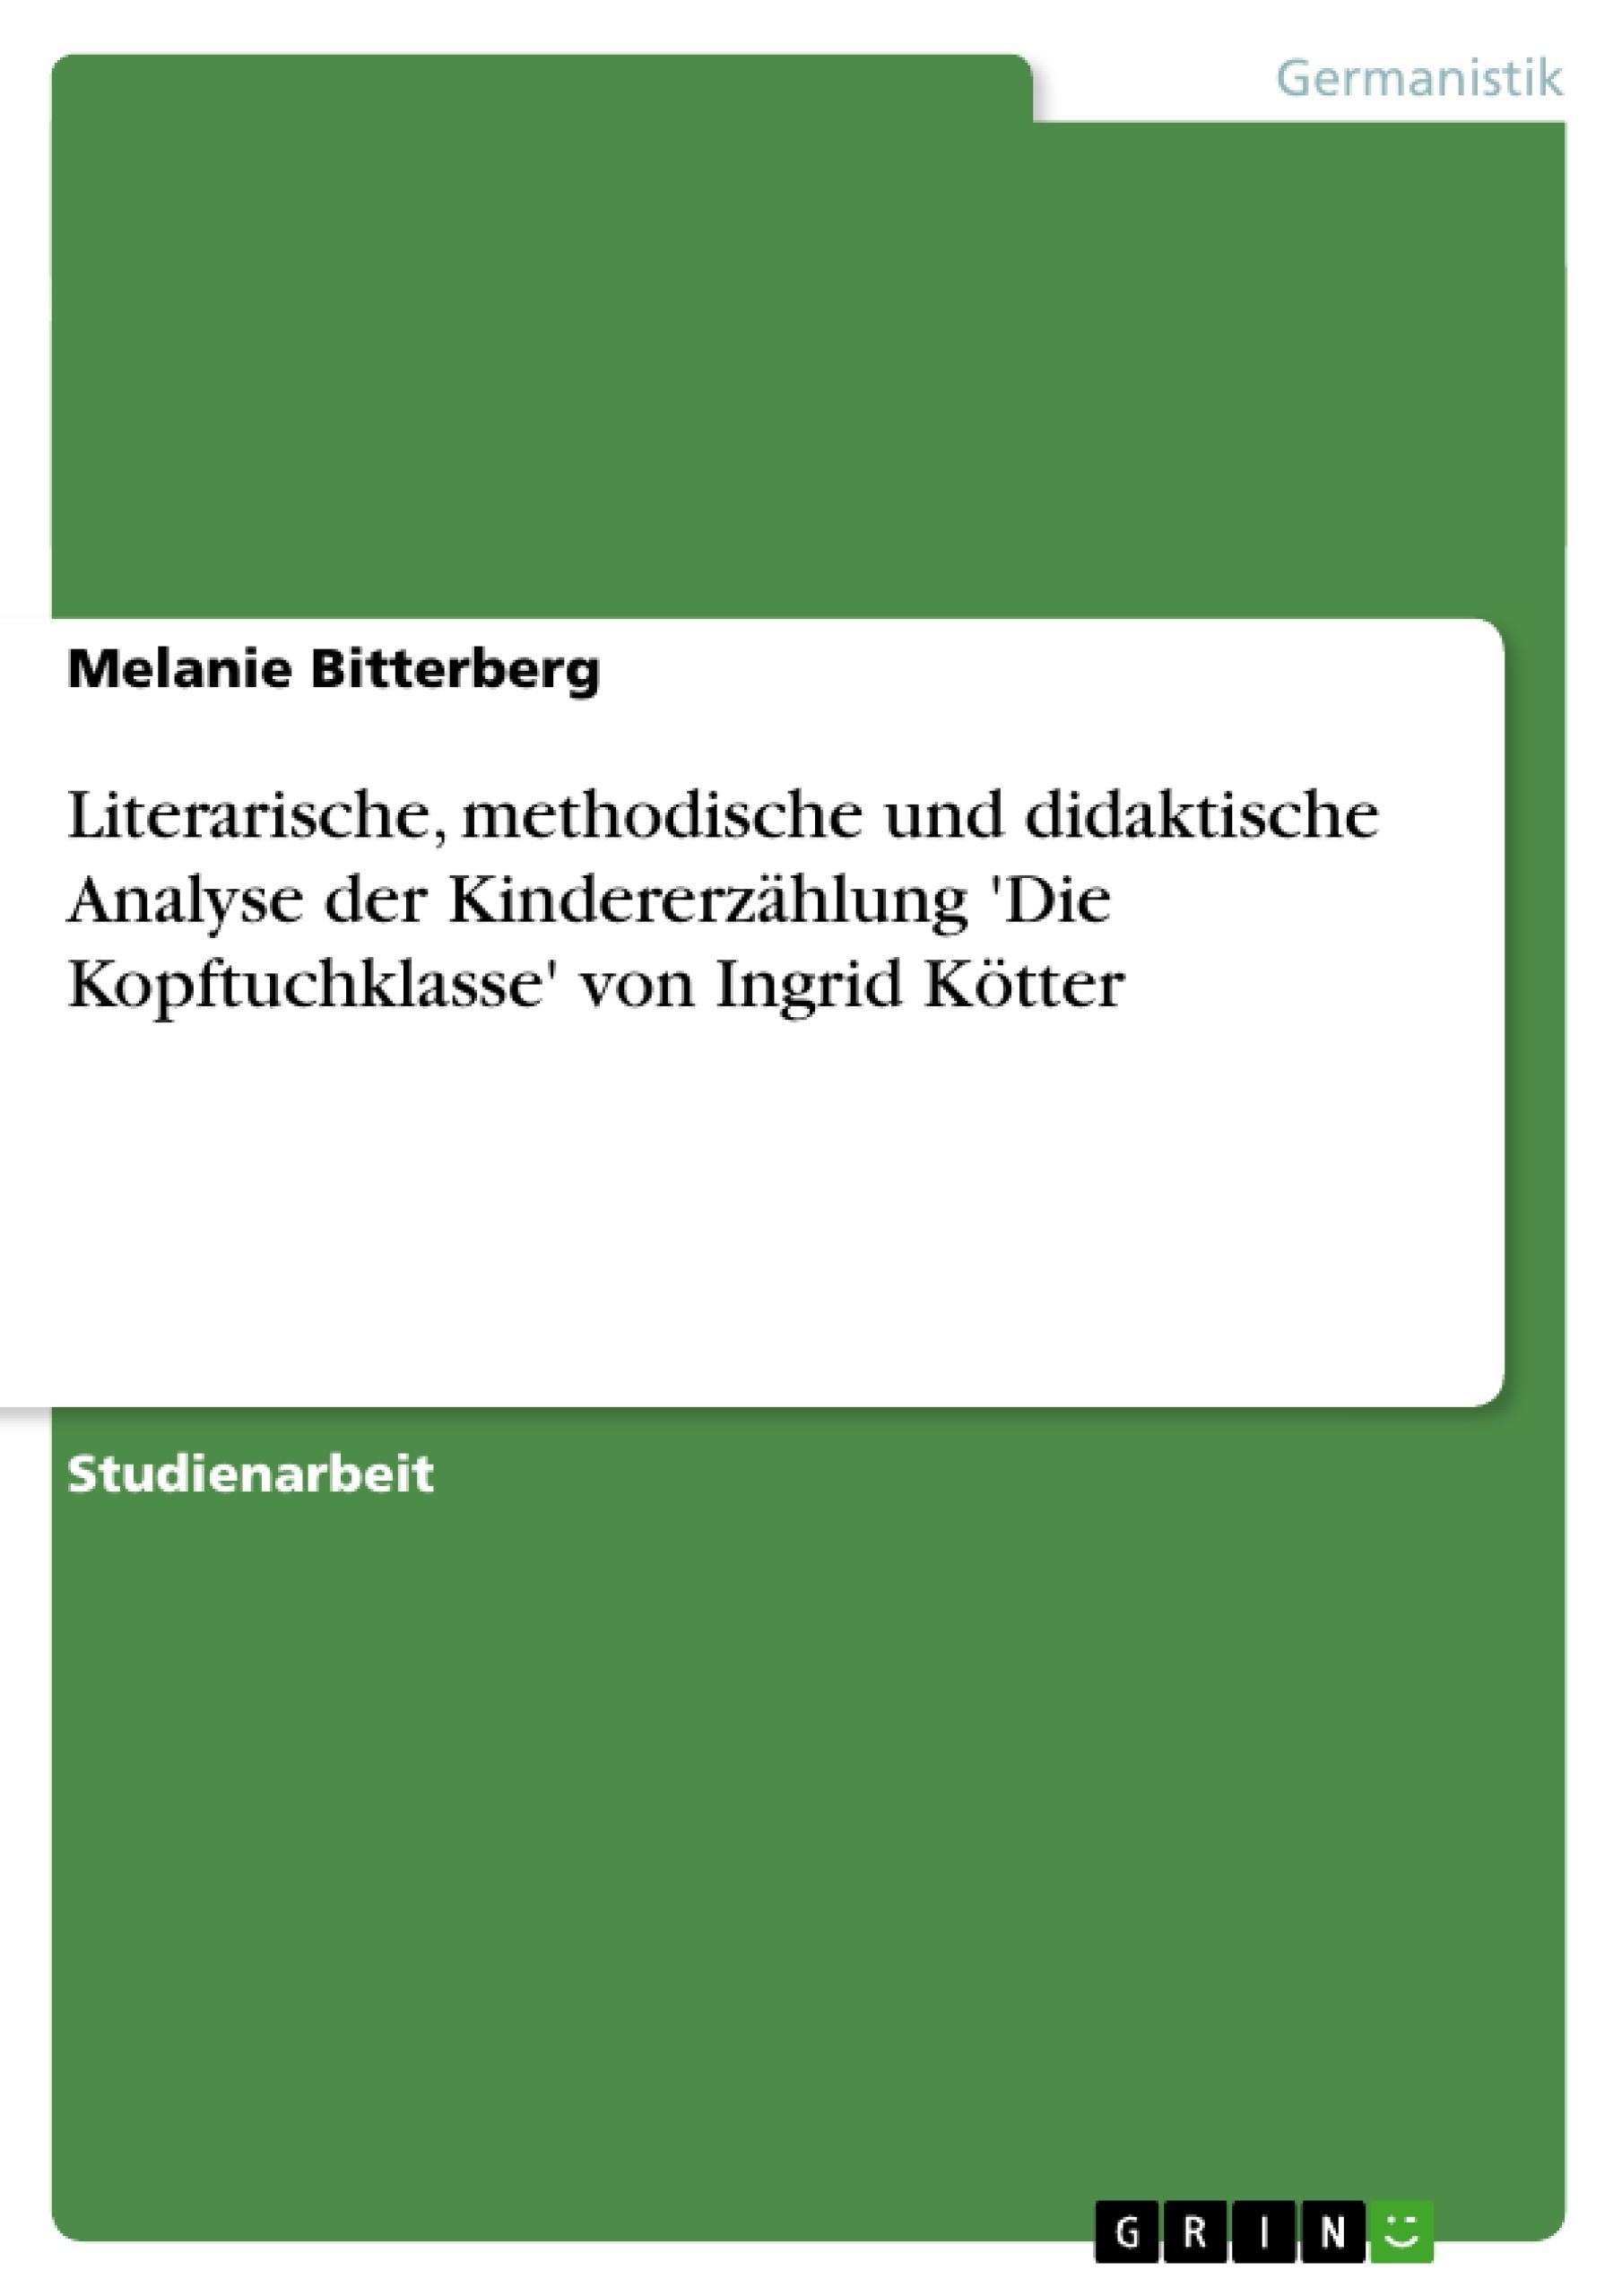 Titel: Literarische, methodische und didaktische Analyse der Kindererzählung 'Die Kopftuchklasse' von Ingrid Kötter